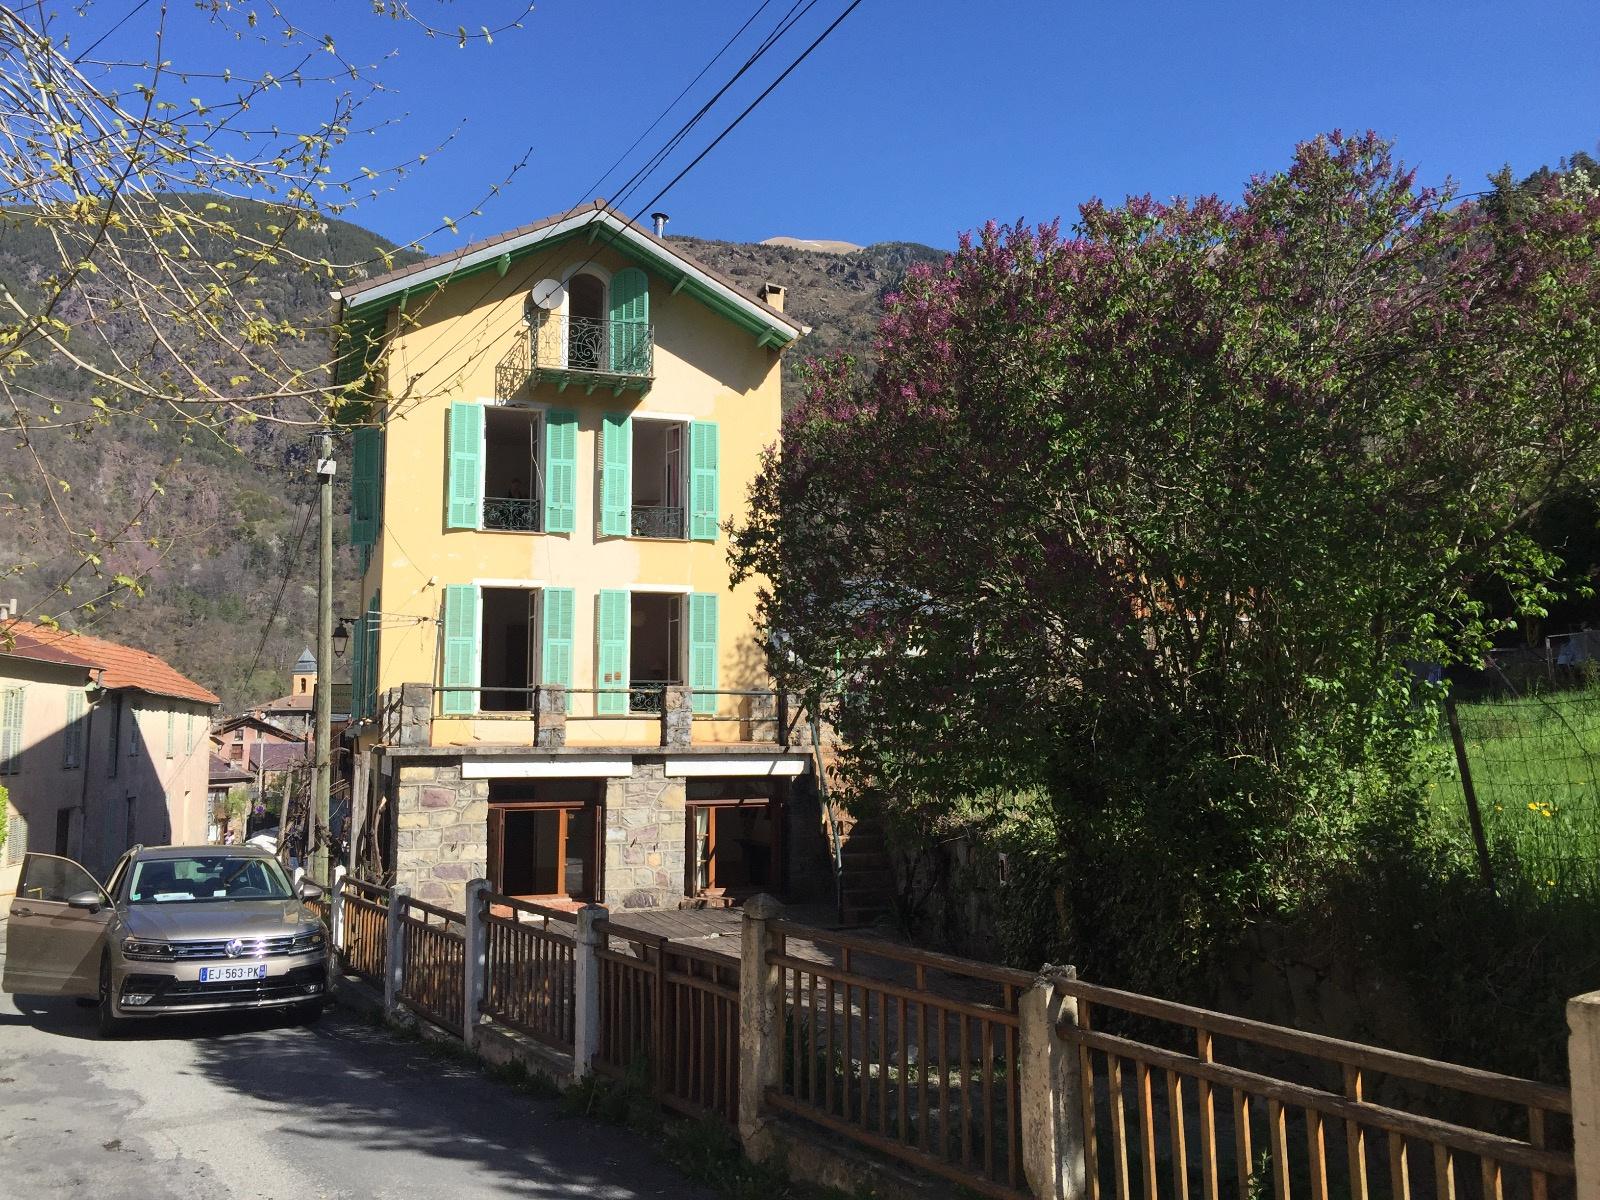 Vente immobilier professionnel chambre d 39 hote la bolline for Loi chambre hote